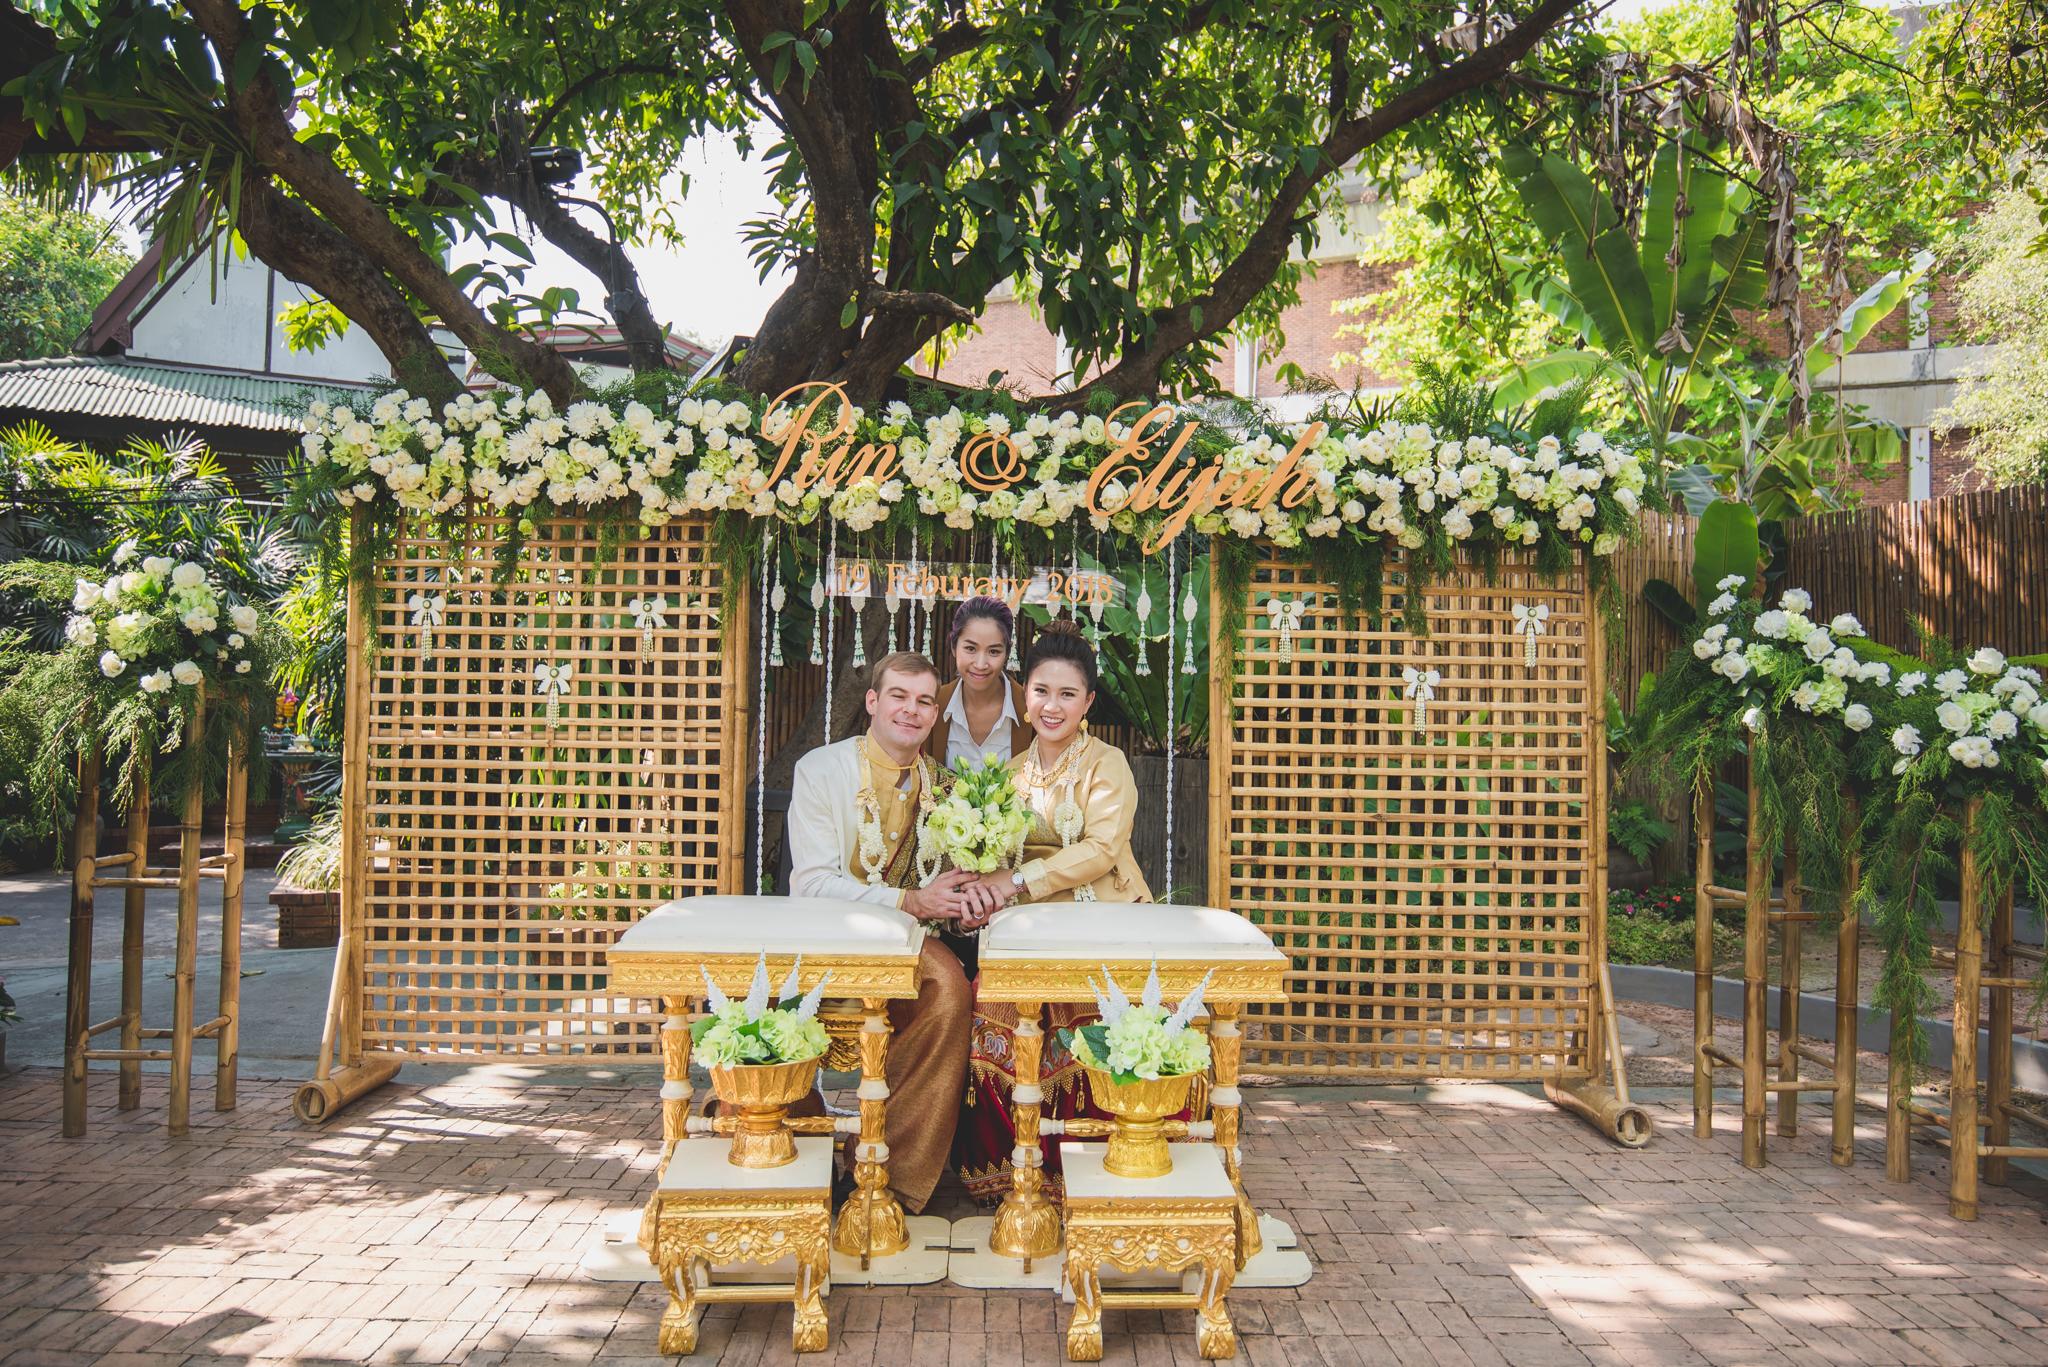 ออแกไนท์เซอร์เชียงใหม่ รับตกแต่งสถานที่ งานแต่งงาน เชียงใหม่